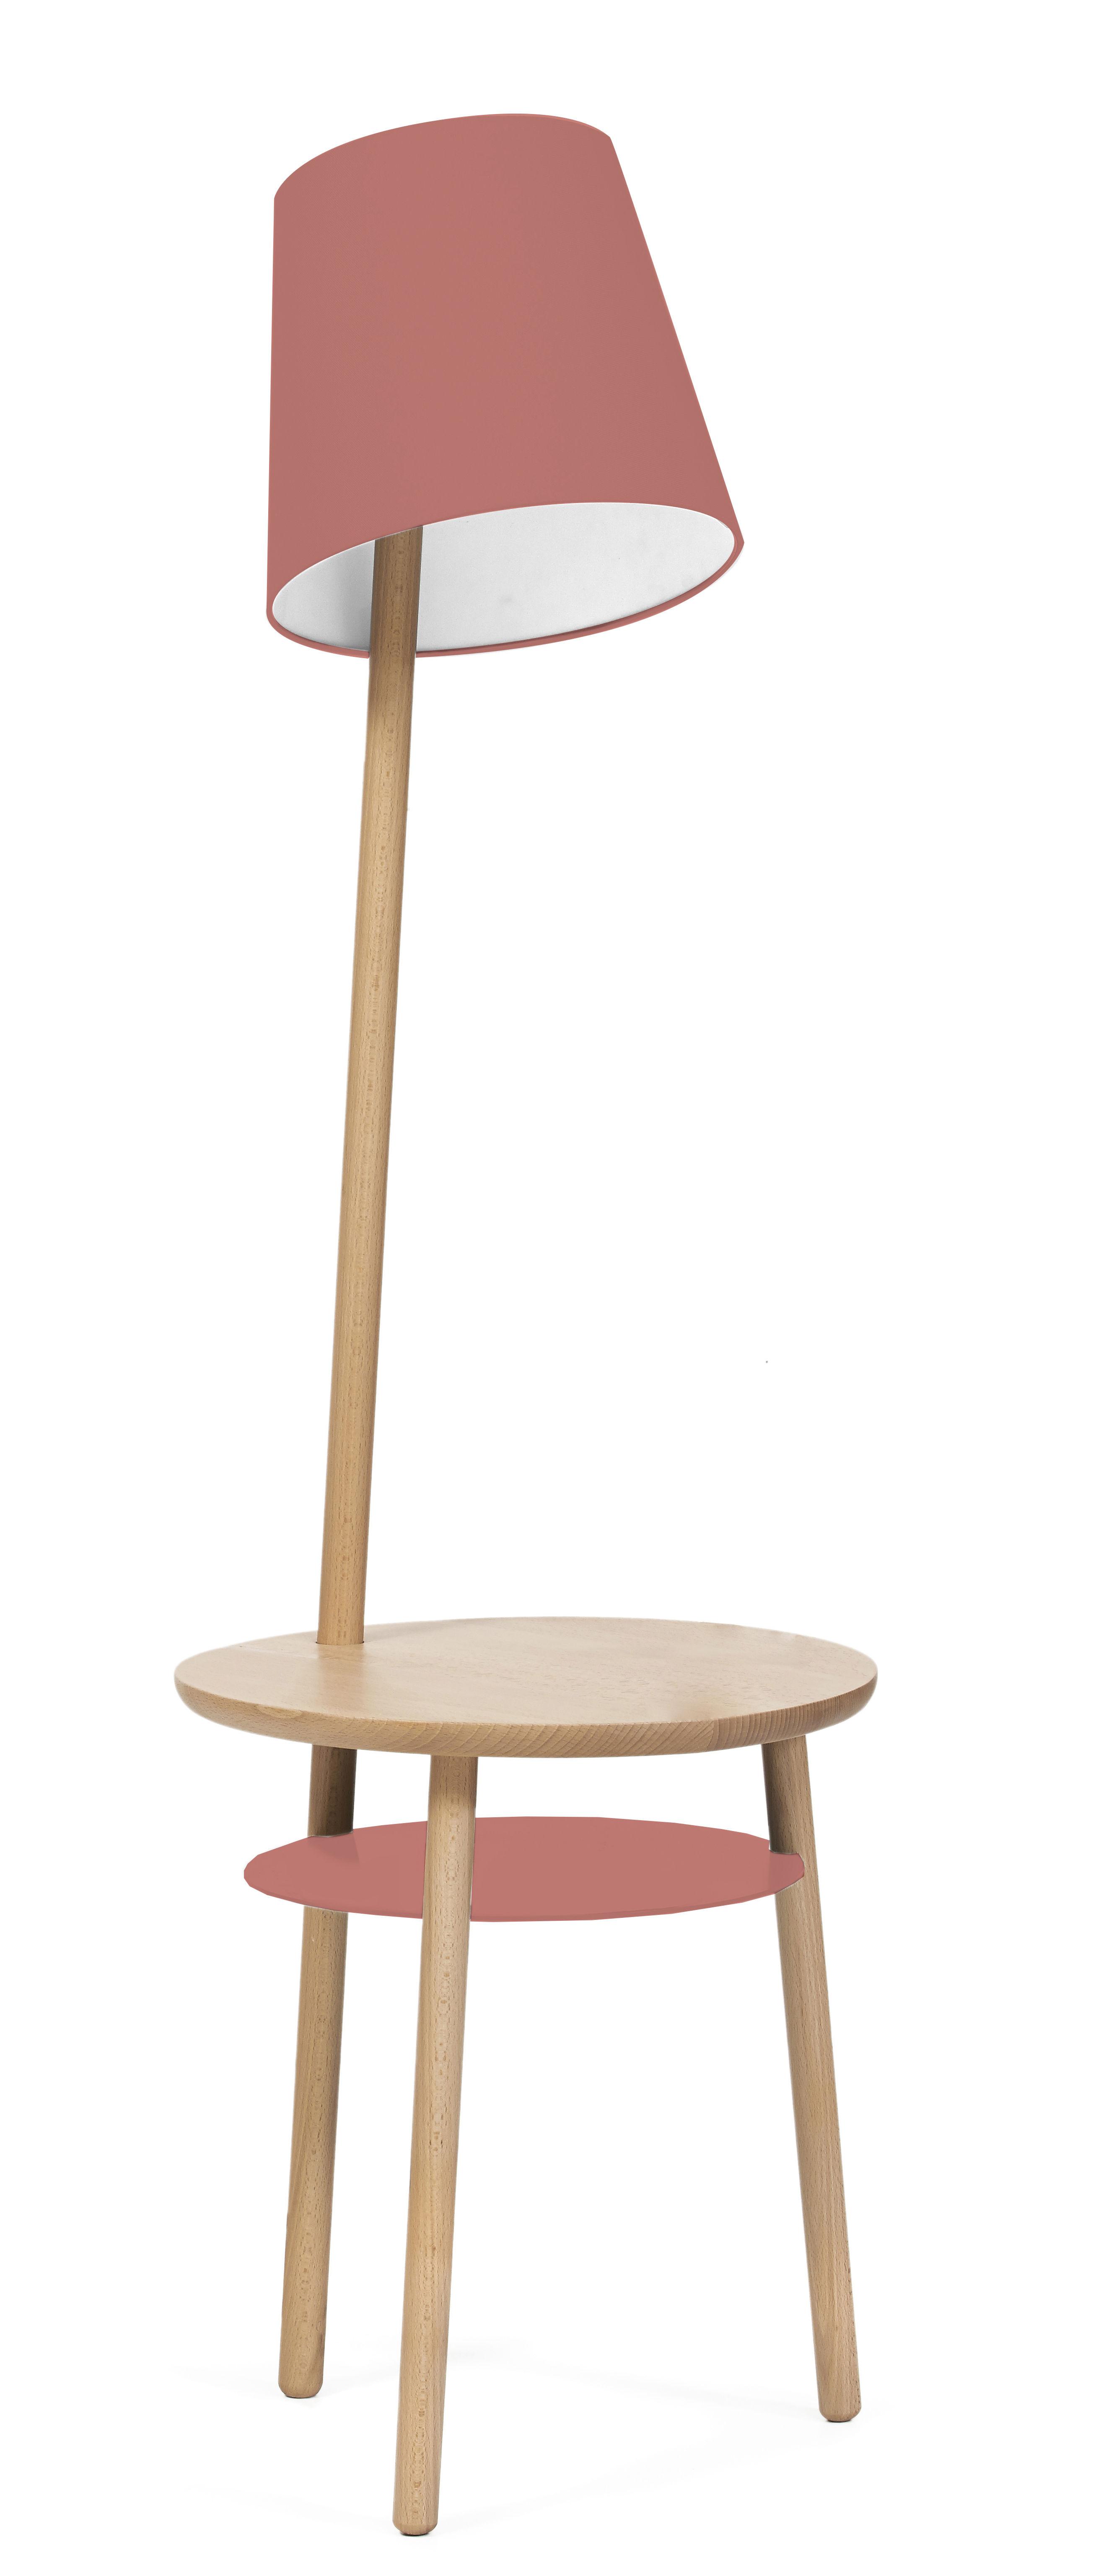 Mobilier - Tables basses - Lampadaire Josette / Table d'appoint - Ø 45 x H 52 cm - Hartô - Rose pomélo - Coton, Hêtre massif, Métal laqué